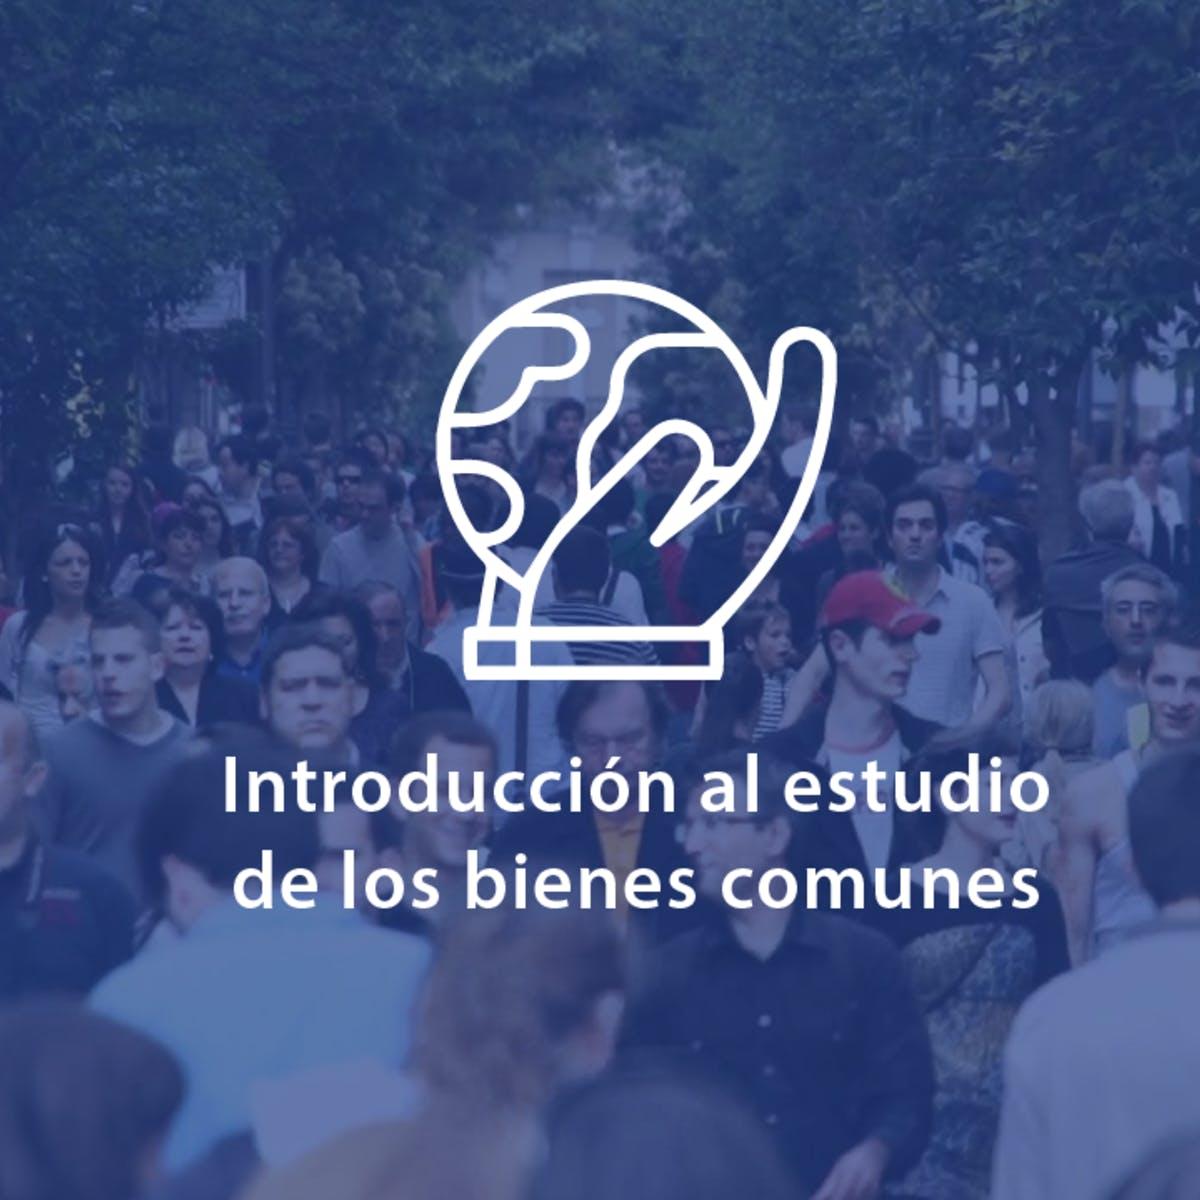 Introducción al estudio de los bienes comunes